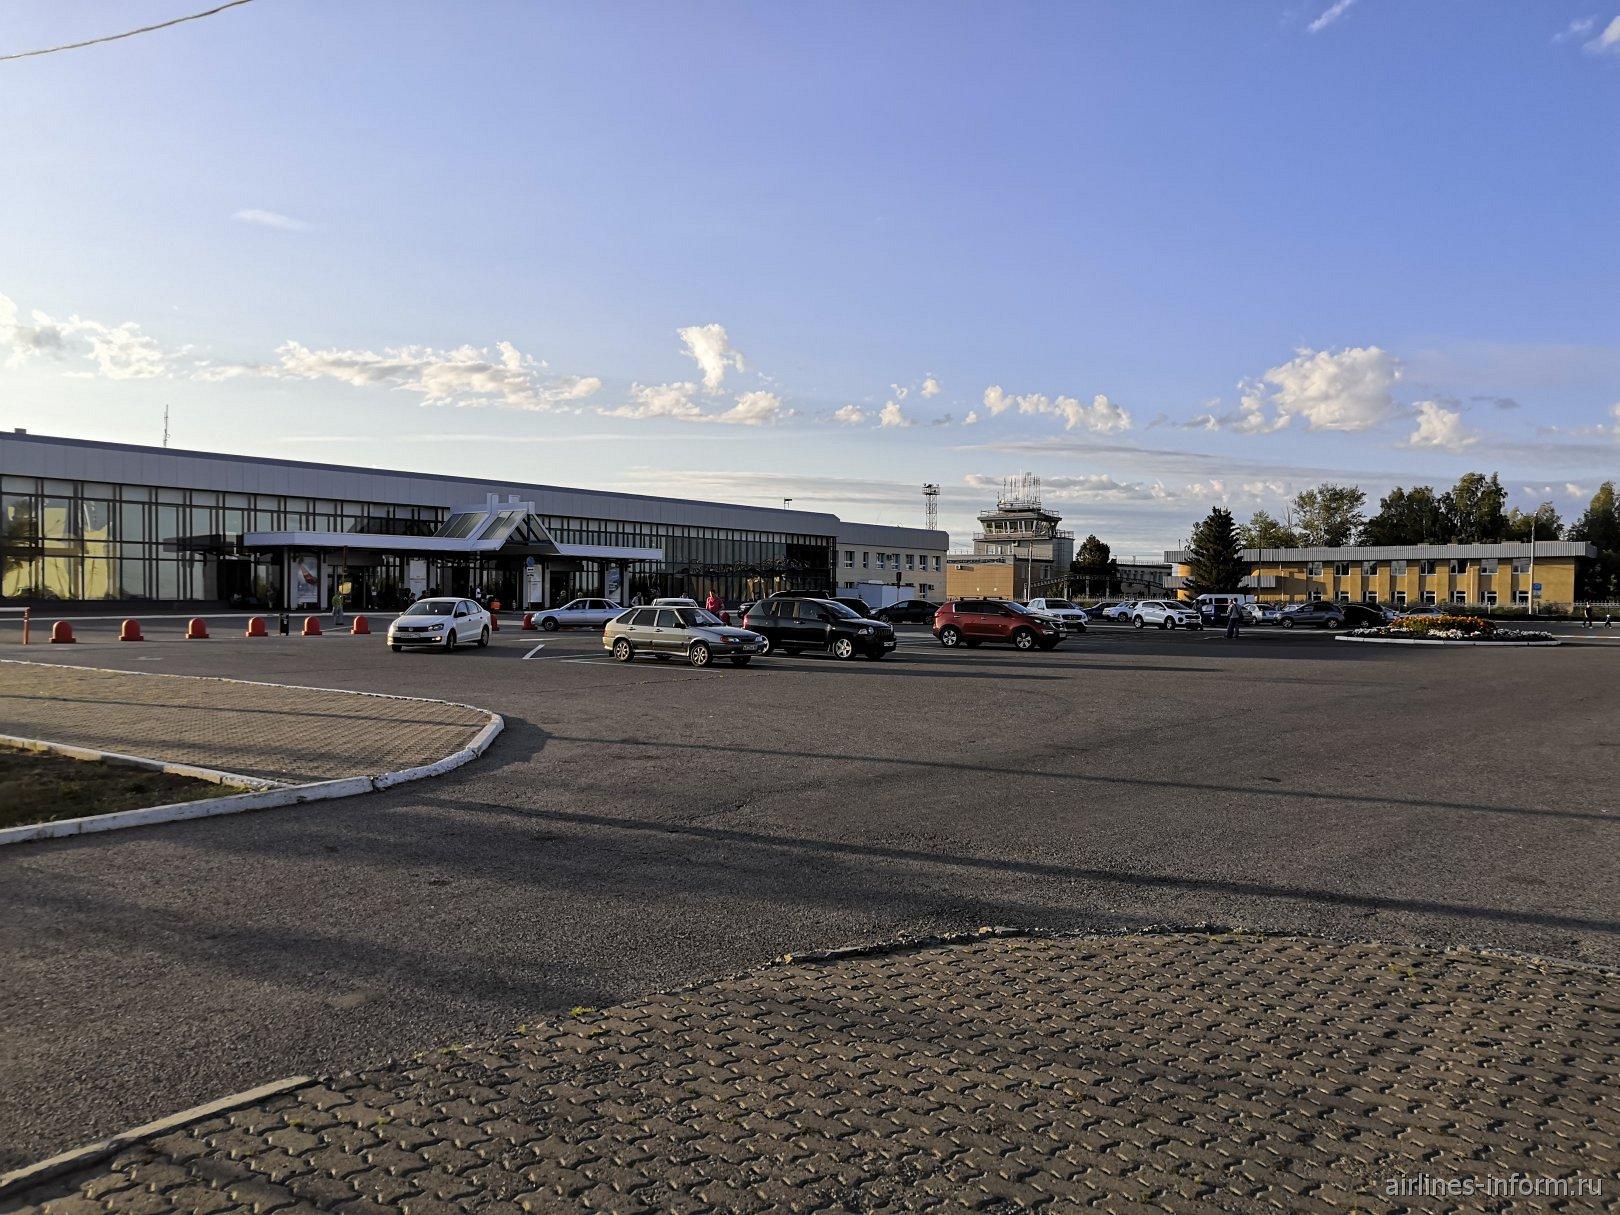 Привокзальная площадь аэропорта Магнитогорск